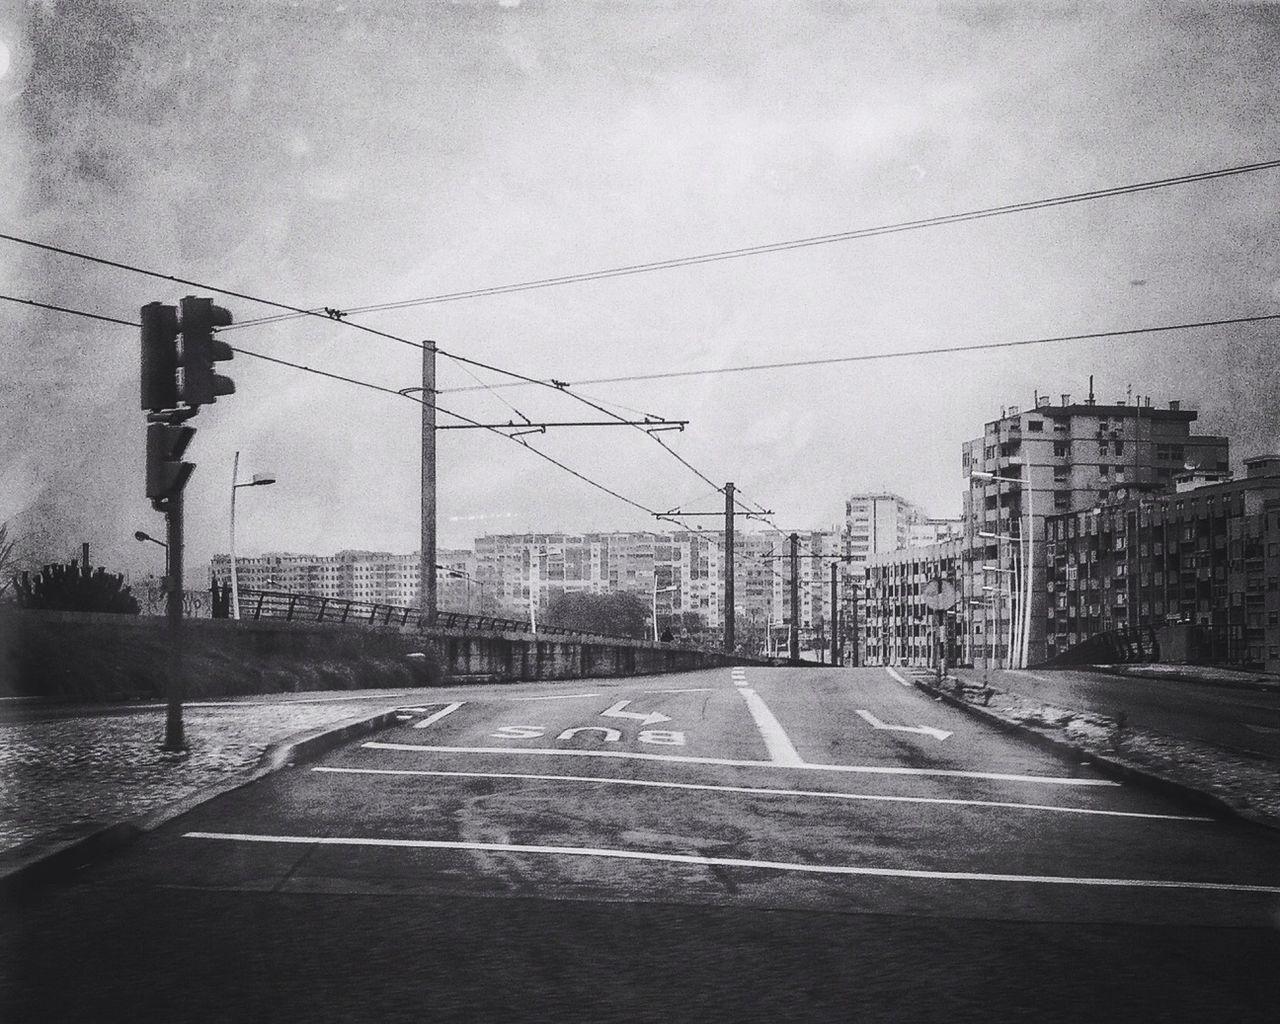 Street Leading Towards City Against Sky